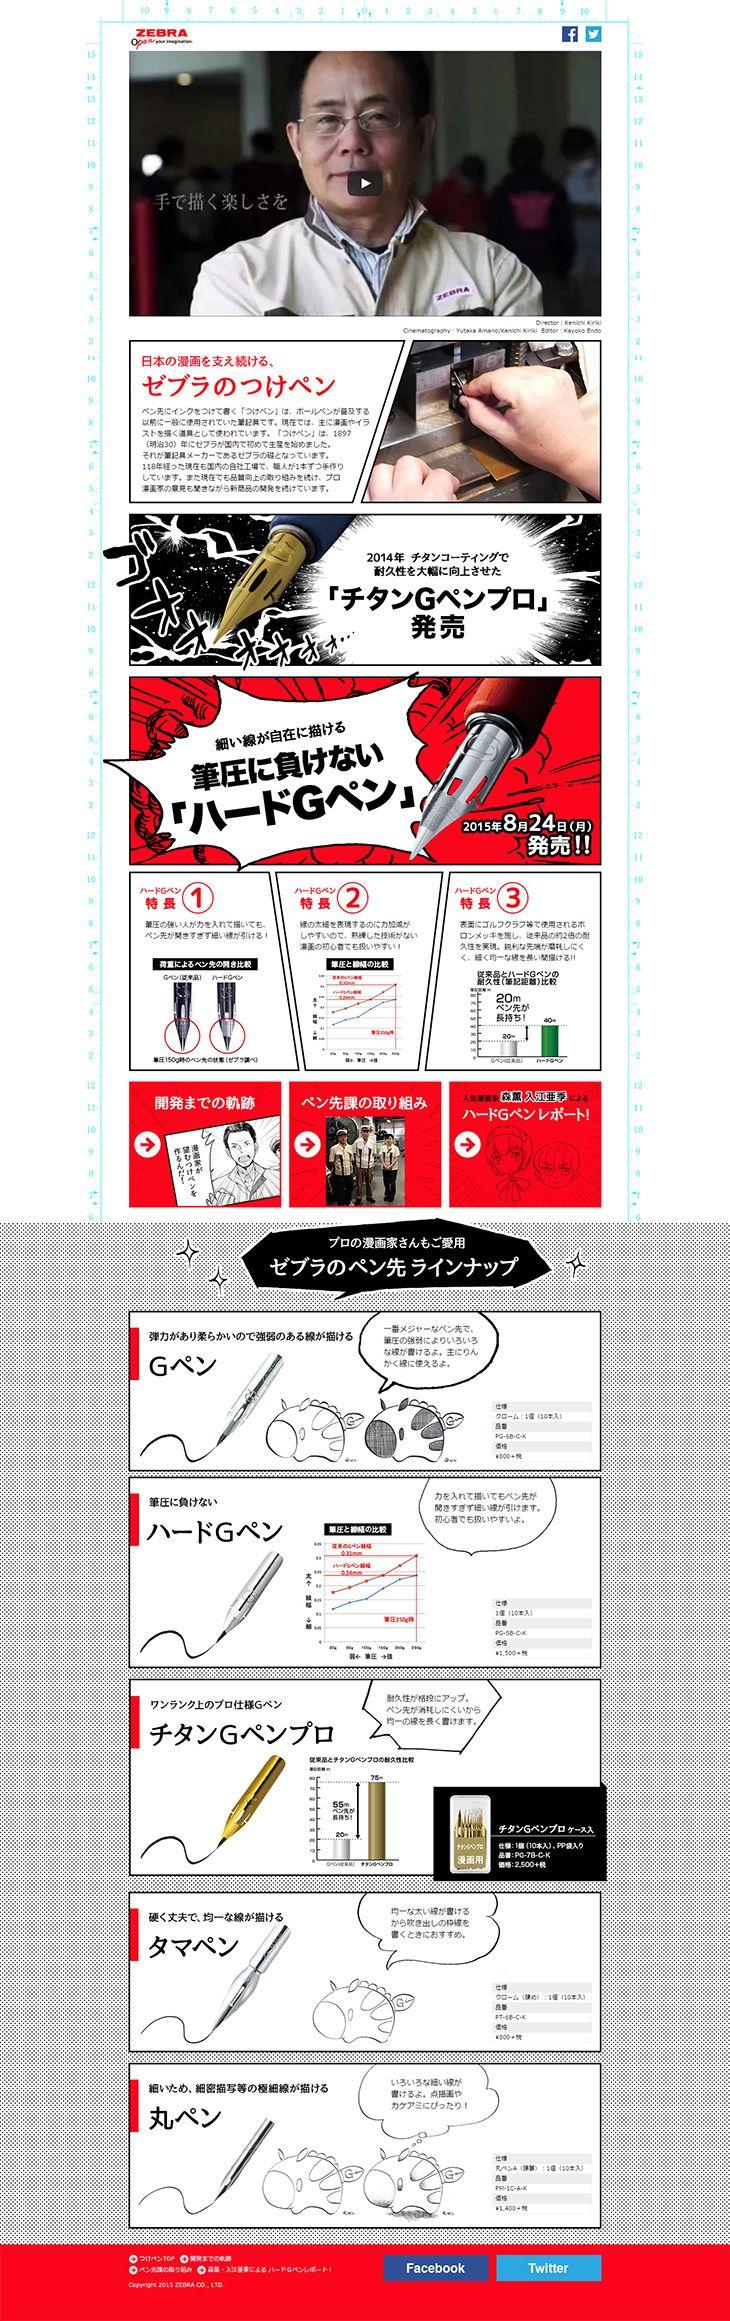 screencapture-www-zebra-co-jp-gpen-1454919749679.jpg (730×2321)